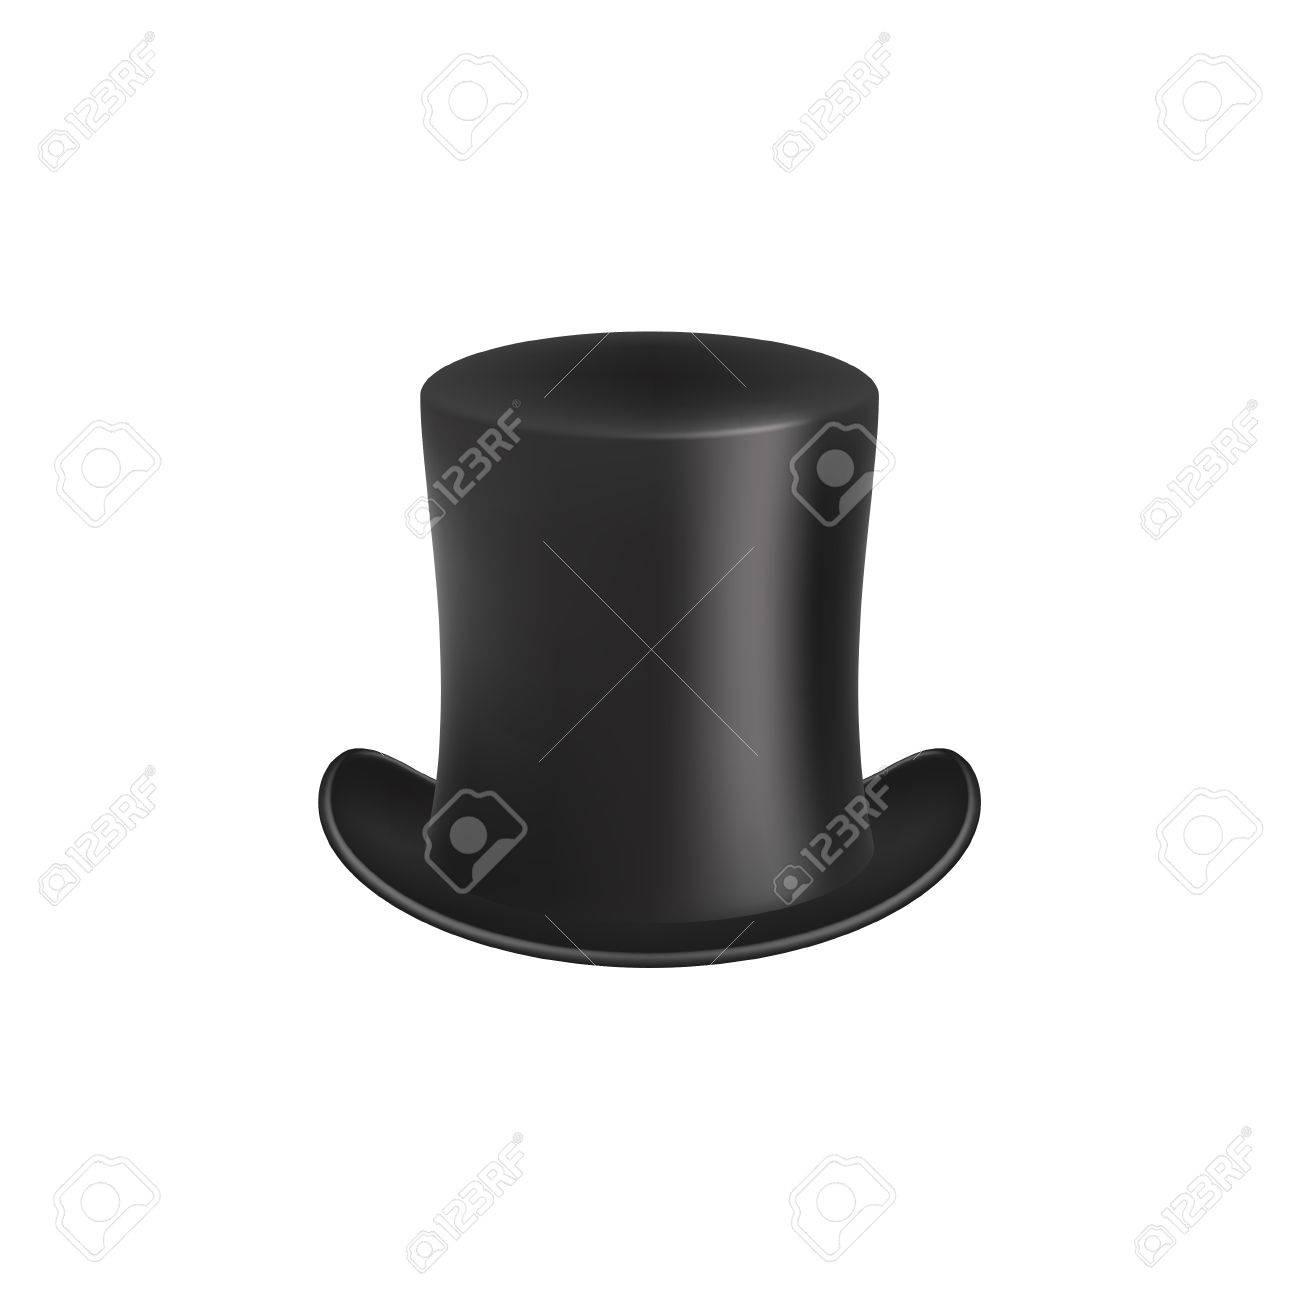 80d090b1 Sombrero de caballero en el diseño negro